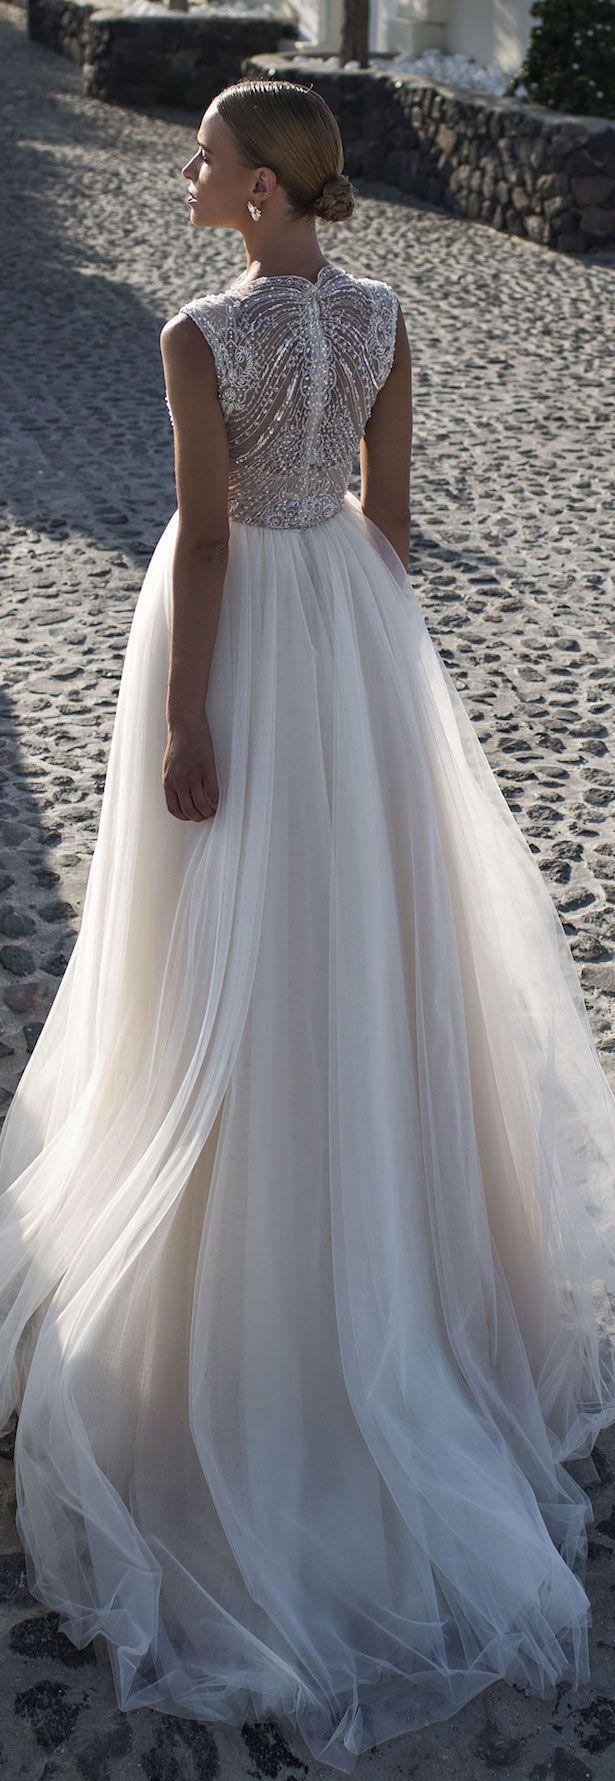 belle robe de mariage en images 042 et plus encore sur www.robe2mariage.eu